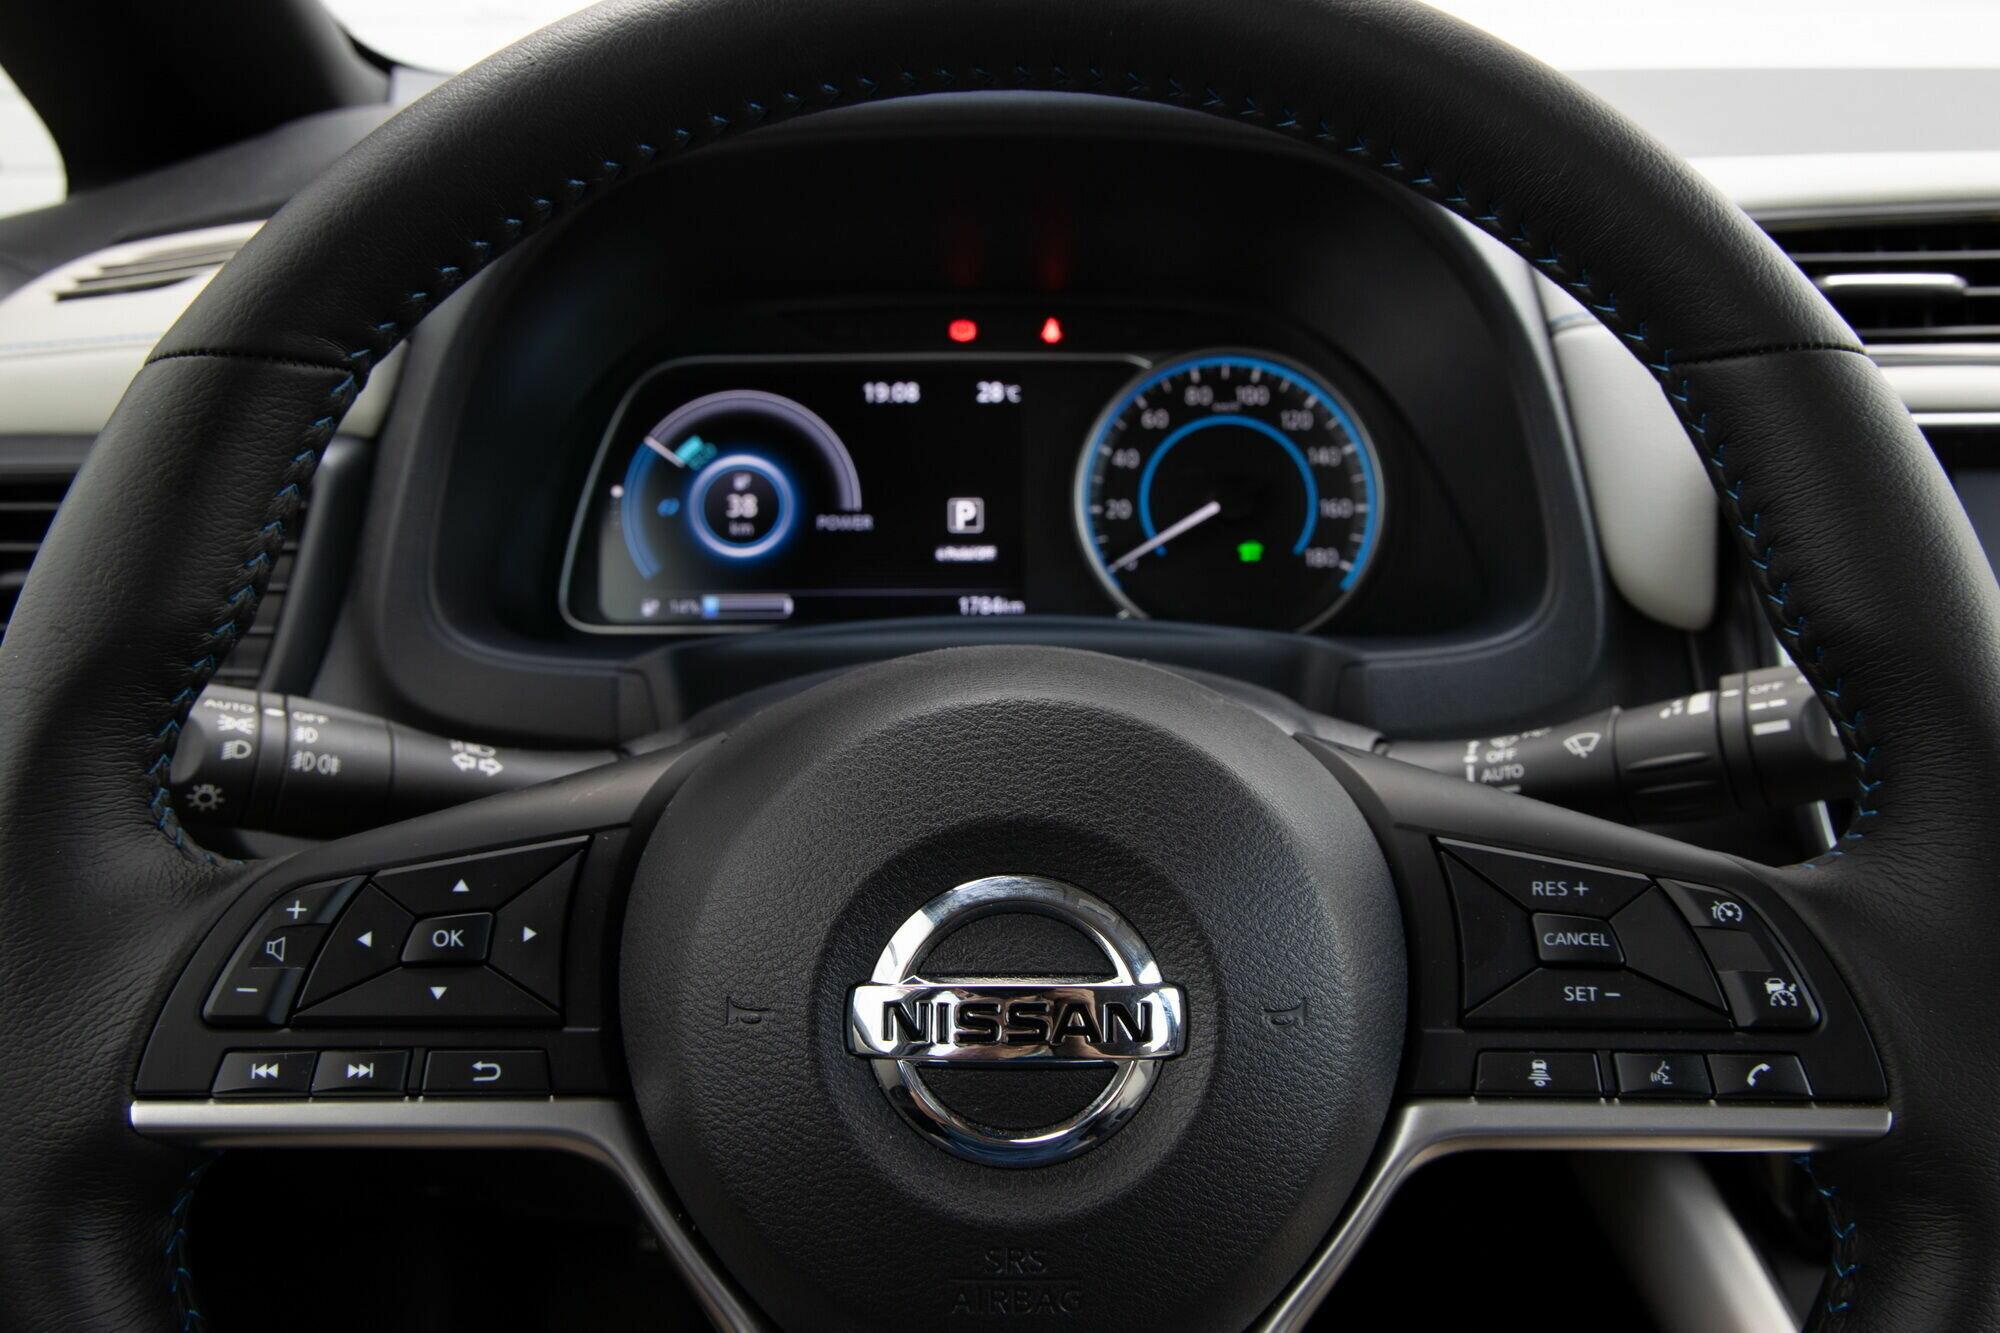 Руль обильно снабдили массой кнопок для управления вспомогательными функциями и системами